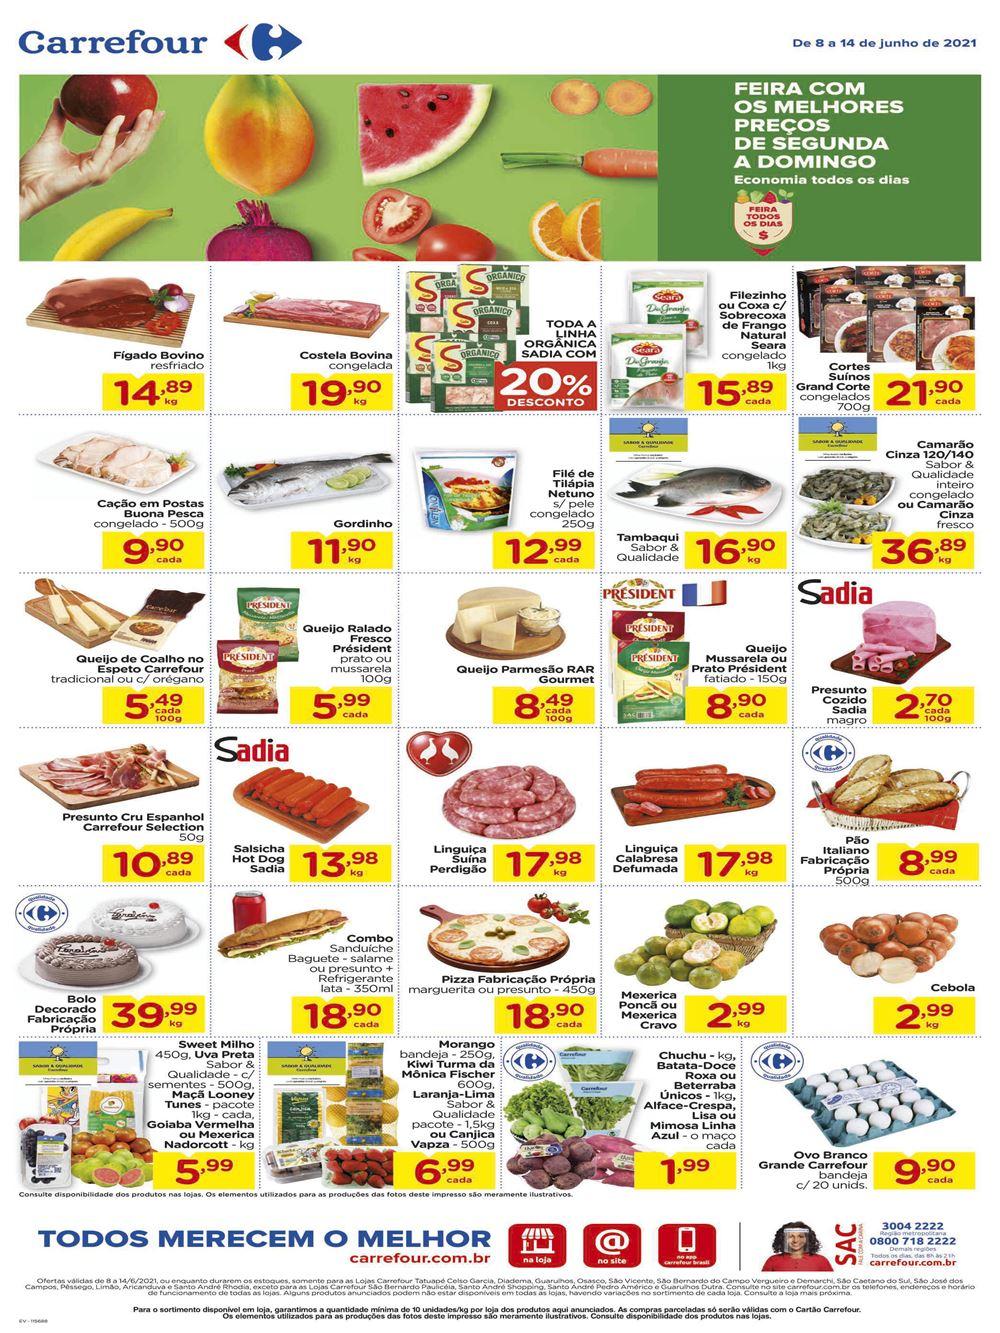 carrefour-ofertas-descontos-hoje20-5 Folheto Feira Carrefour hoje ofertas até 14 de Junho: confira